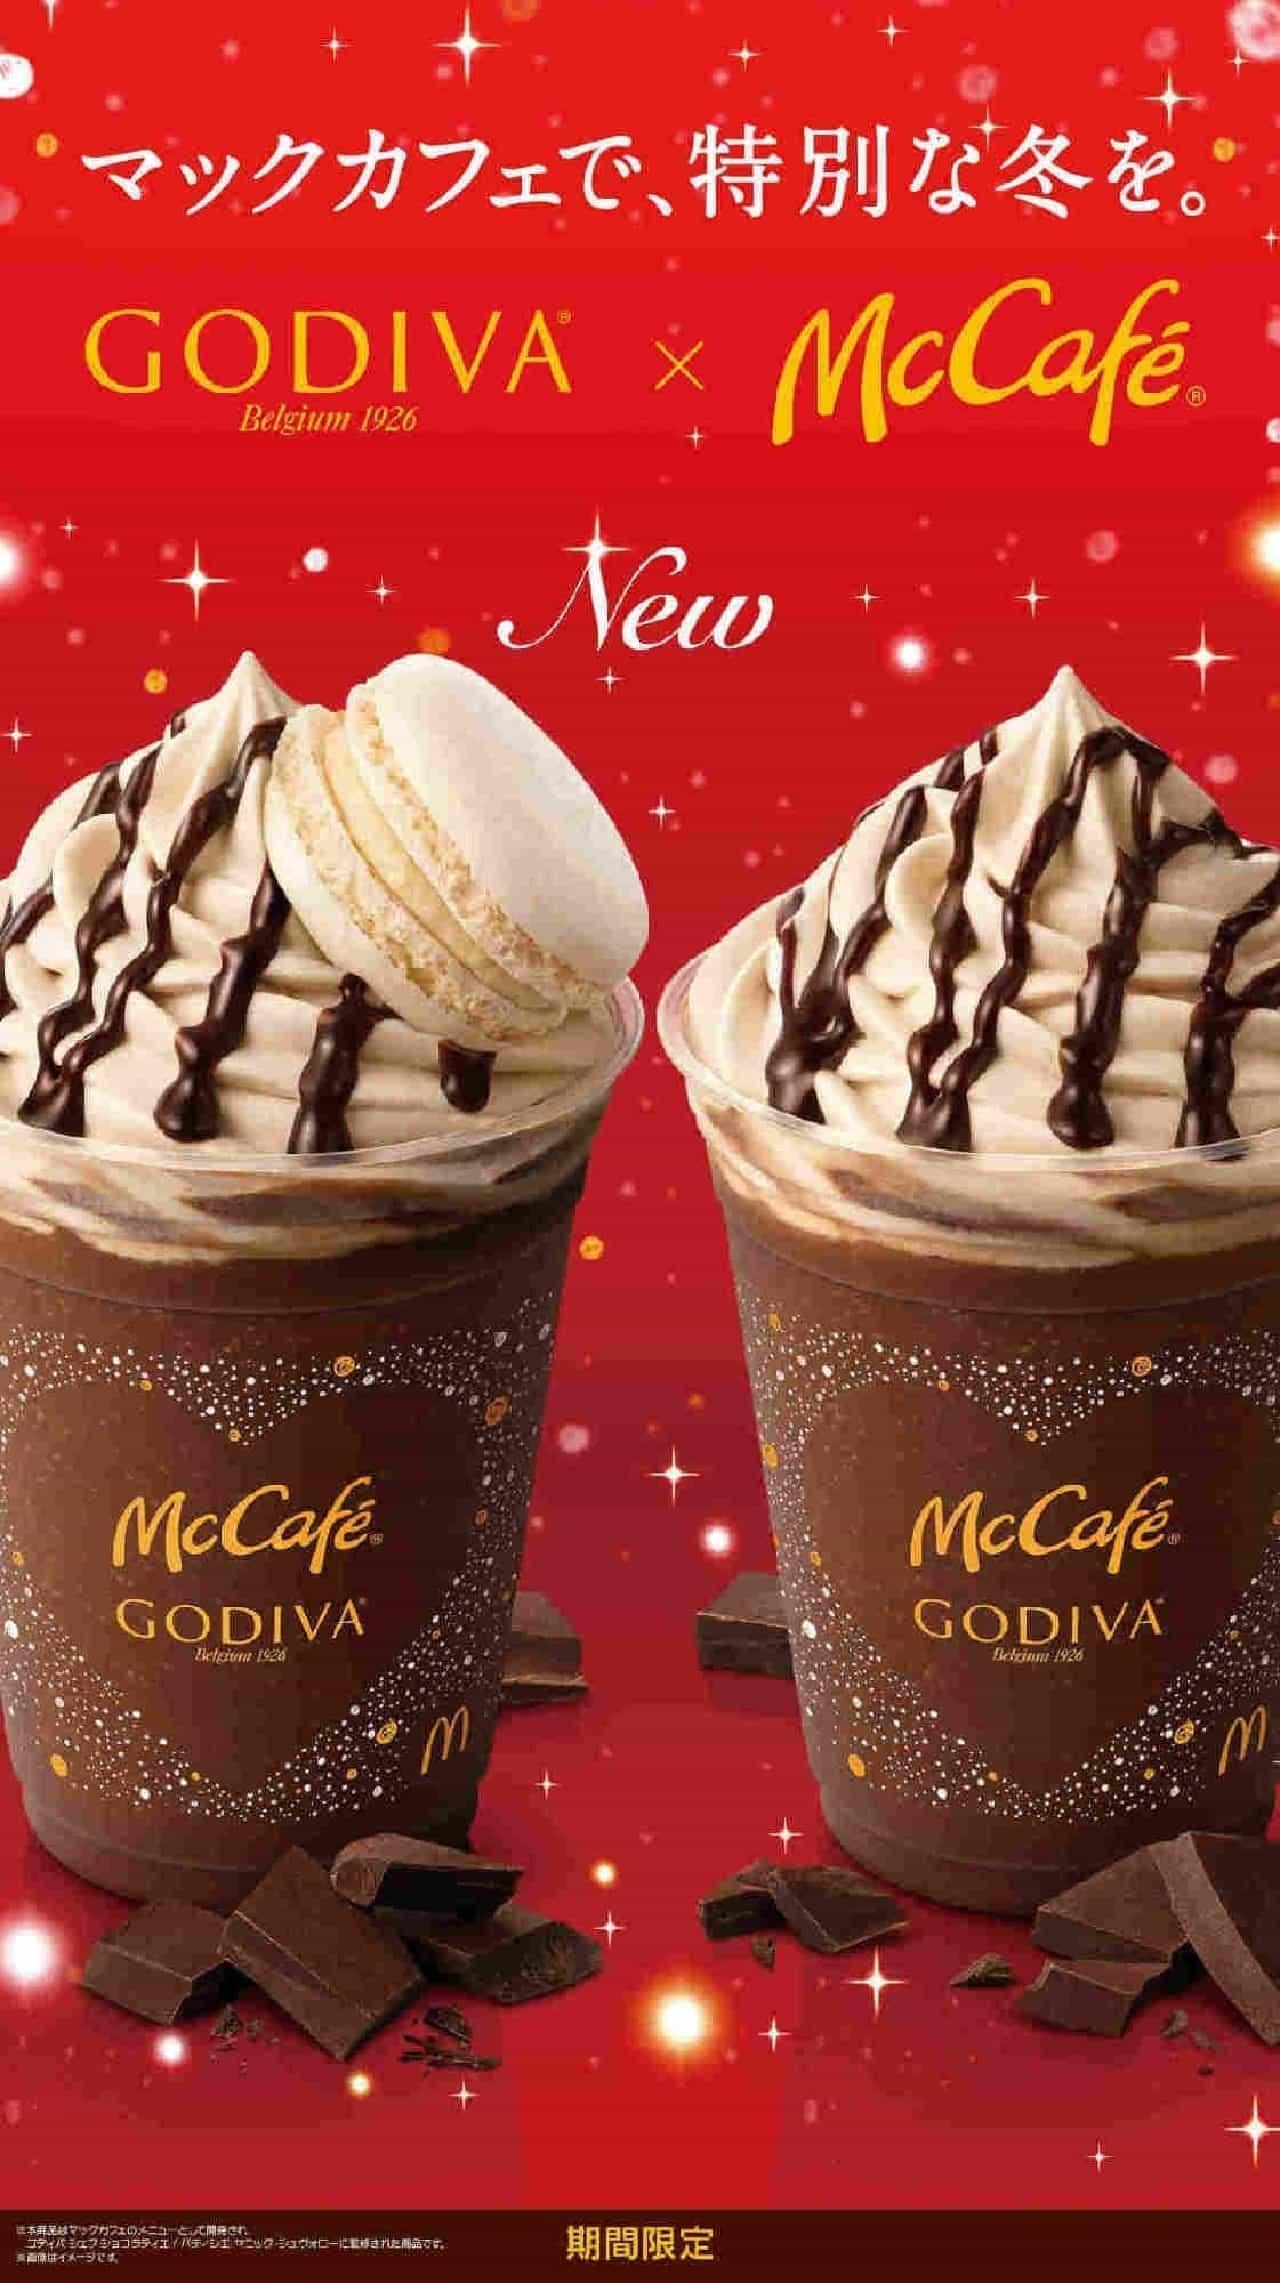 マックのカフェとゴディバが初コラボ